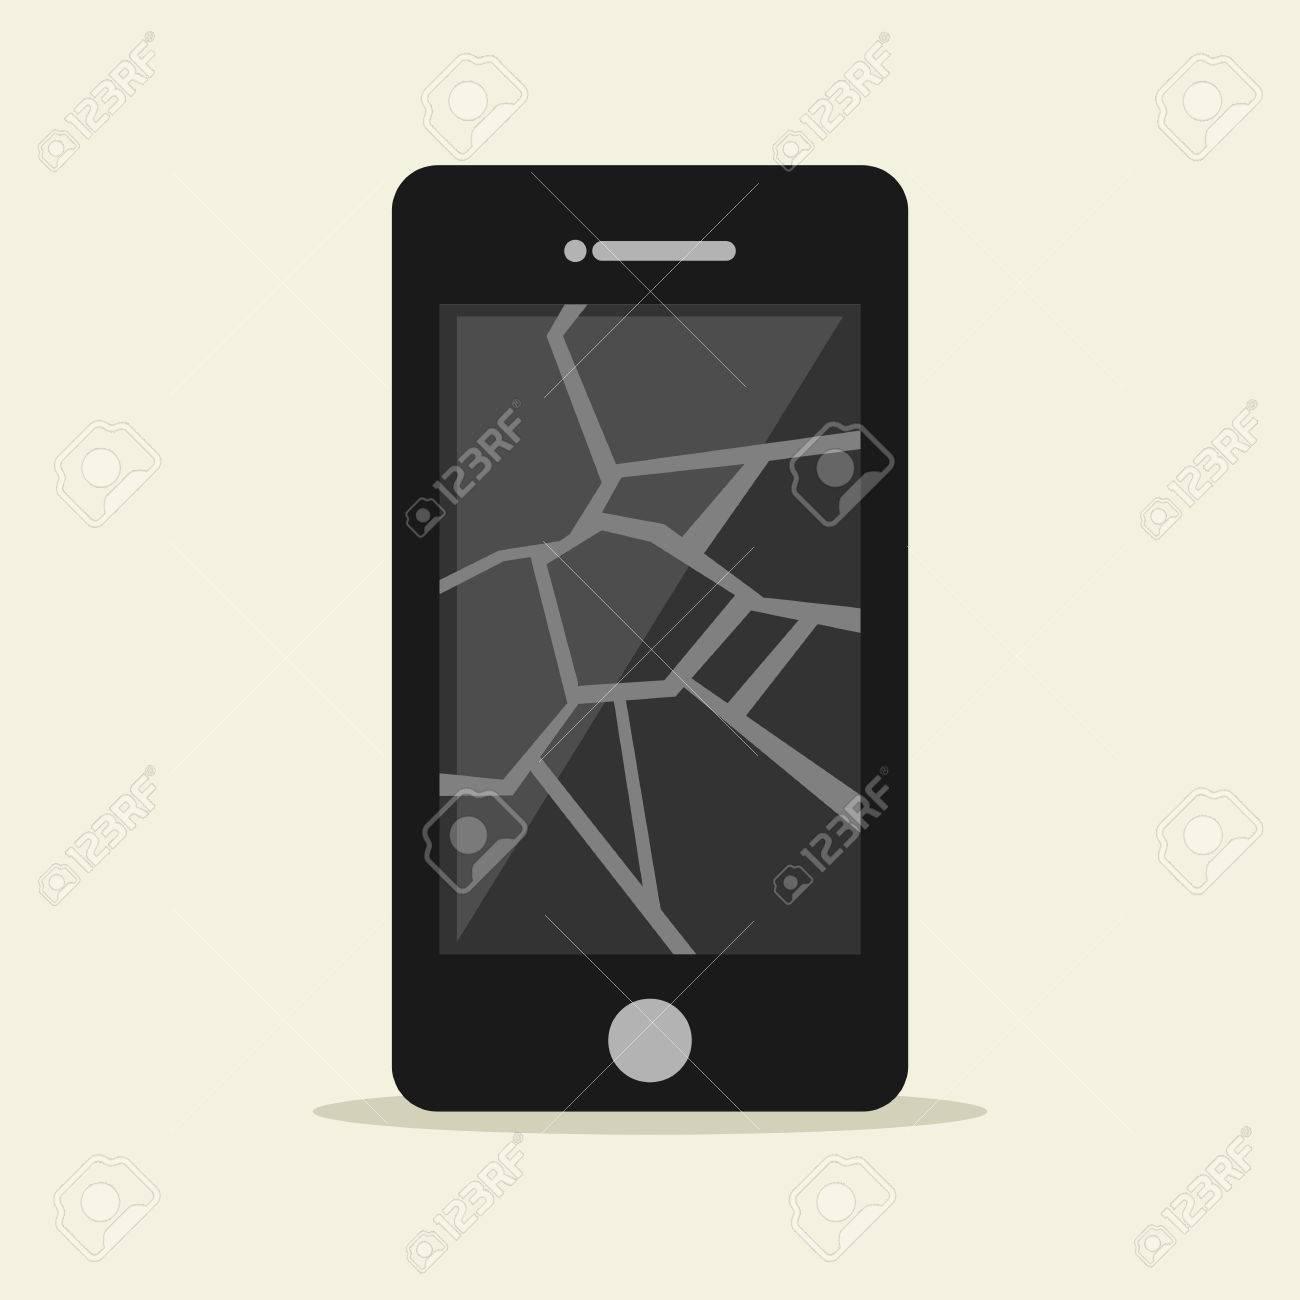 crack screen on phone